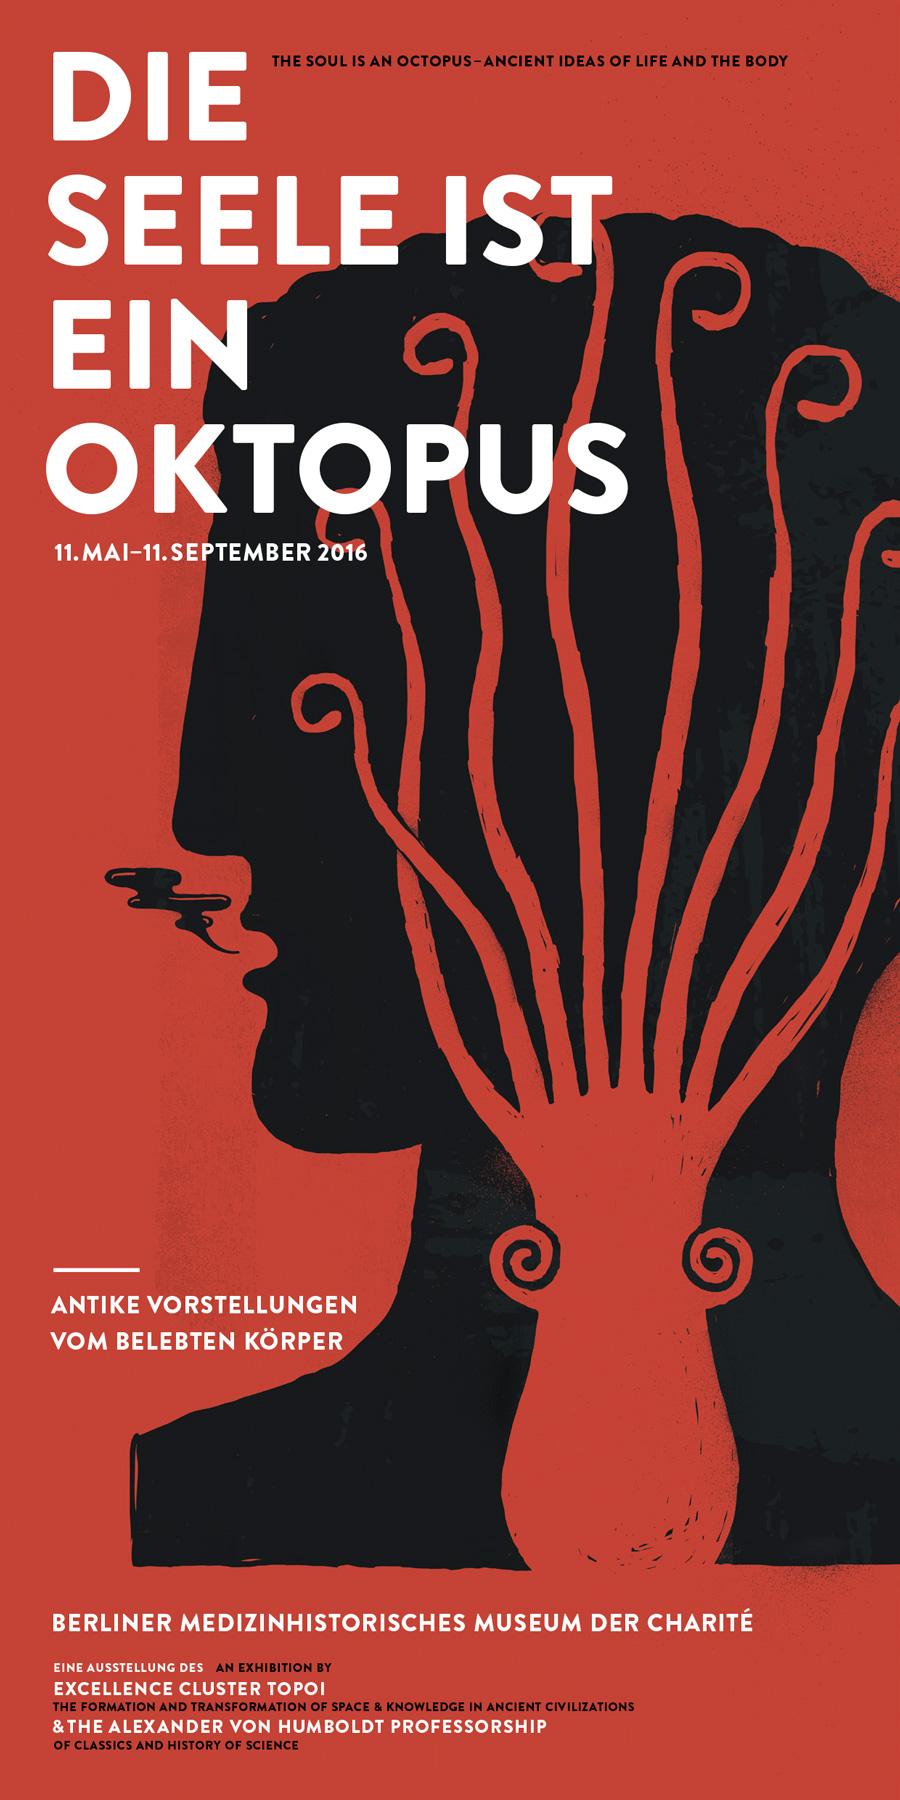 Die Seele ist ein Oktopus: Zeichnung von Christoph Geiger | Kopf mit Oktopus